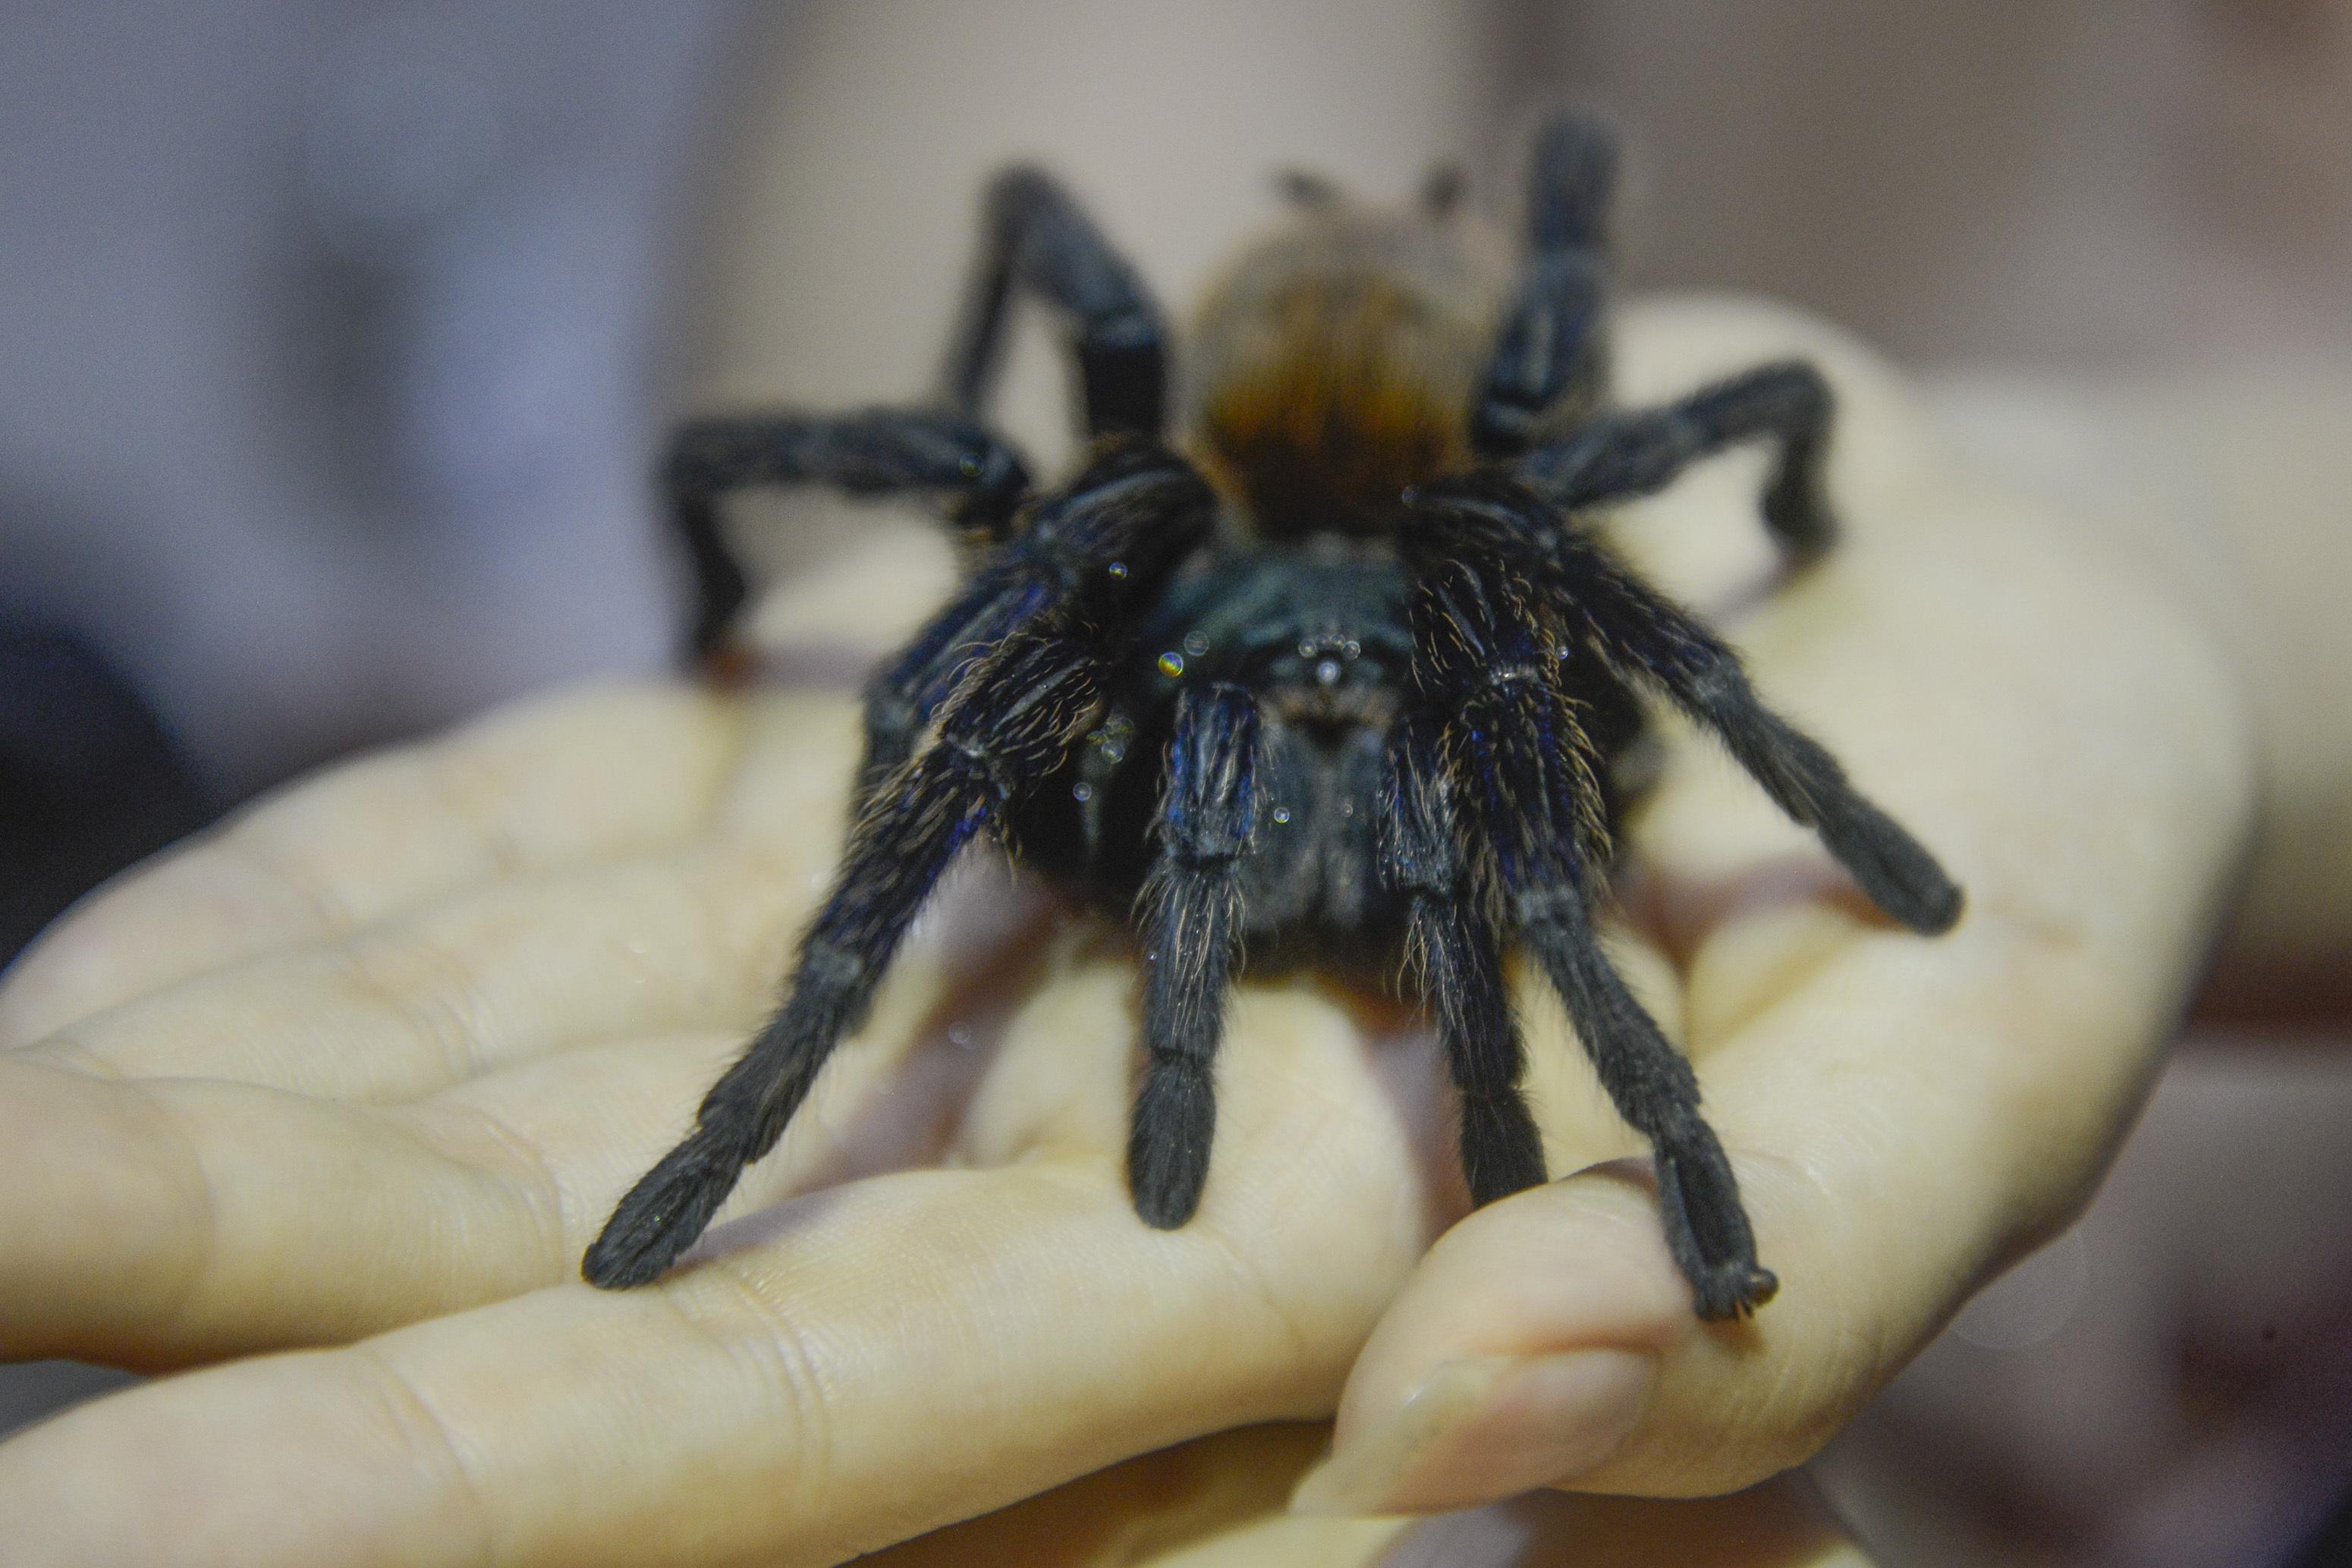 زوج يشترى عنكبوت من أجل تخويف حماته